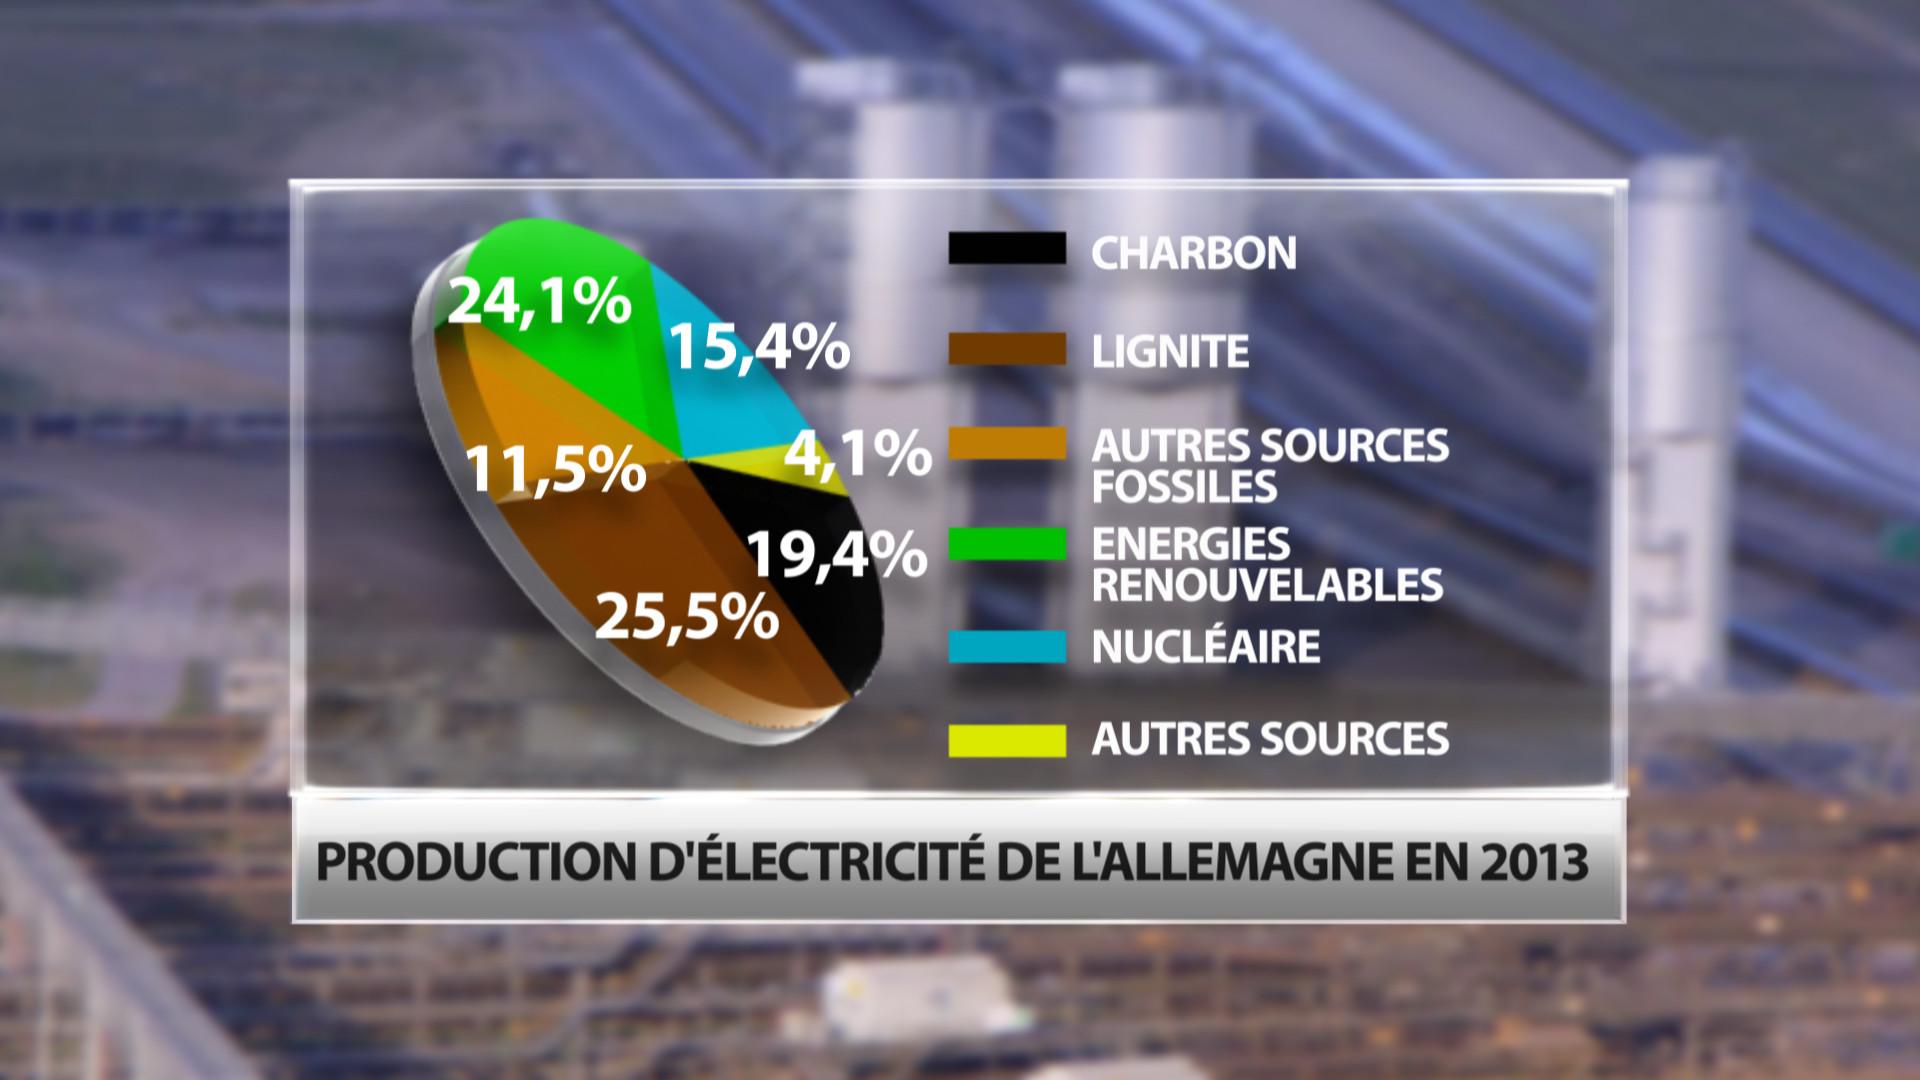 Source : Statistiques énergétiques du Ministère Fédéral allemand de l'Économie et de la Technologie